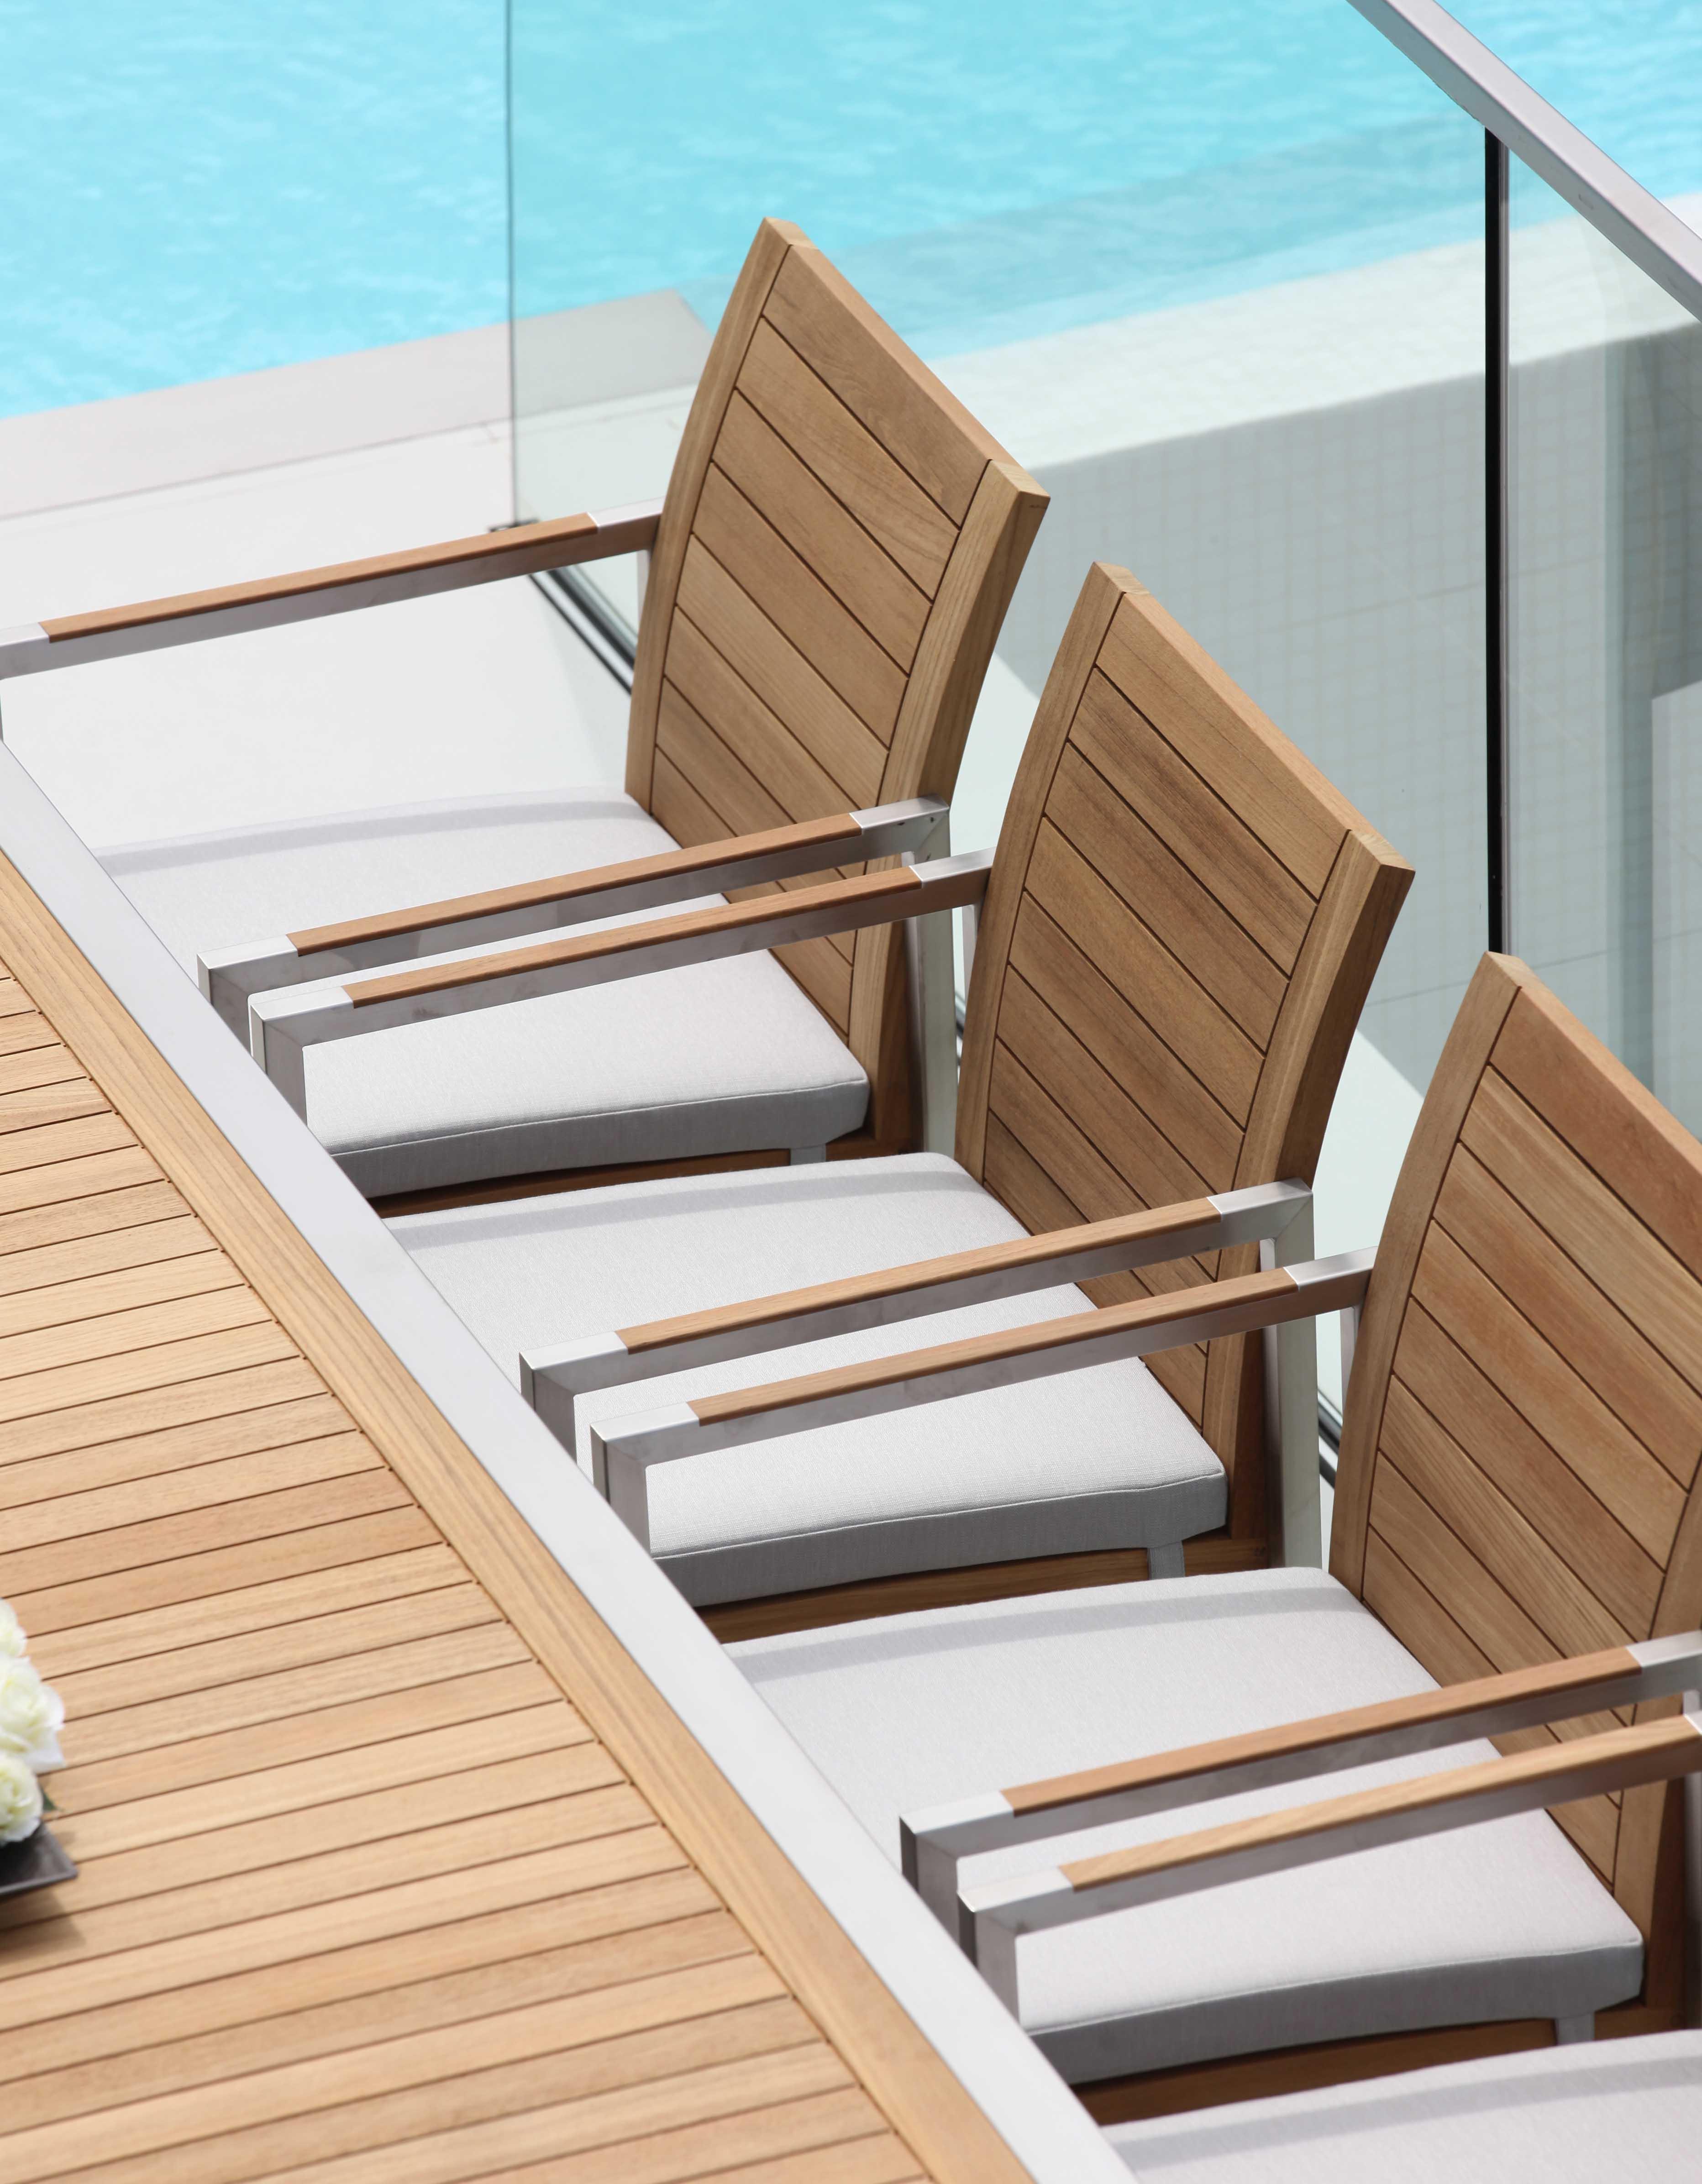 jetzt wieder bei tendenza f rth gartenm bel von royal botania. Black Bedroom Furniture Sets. Home Design Ideas